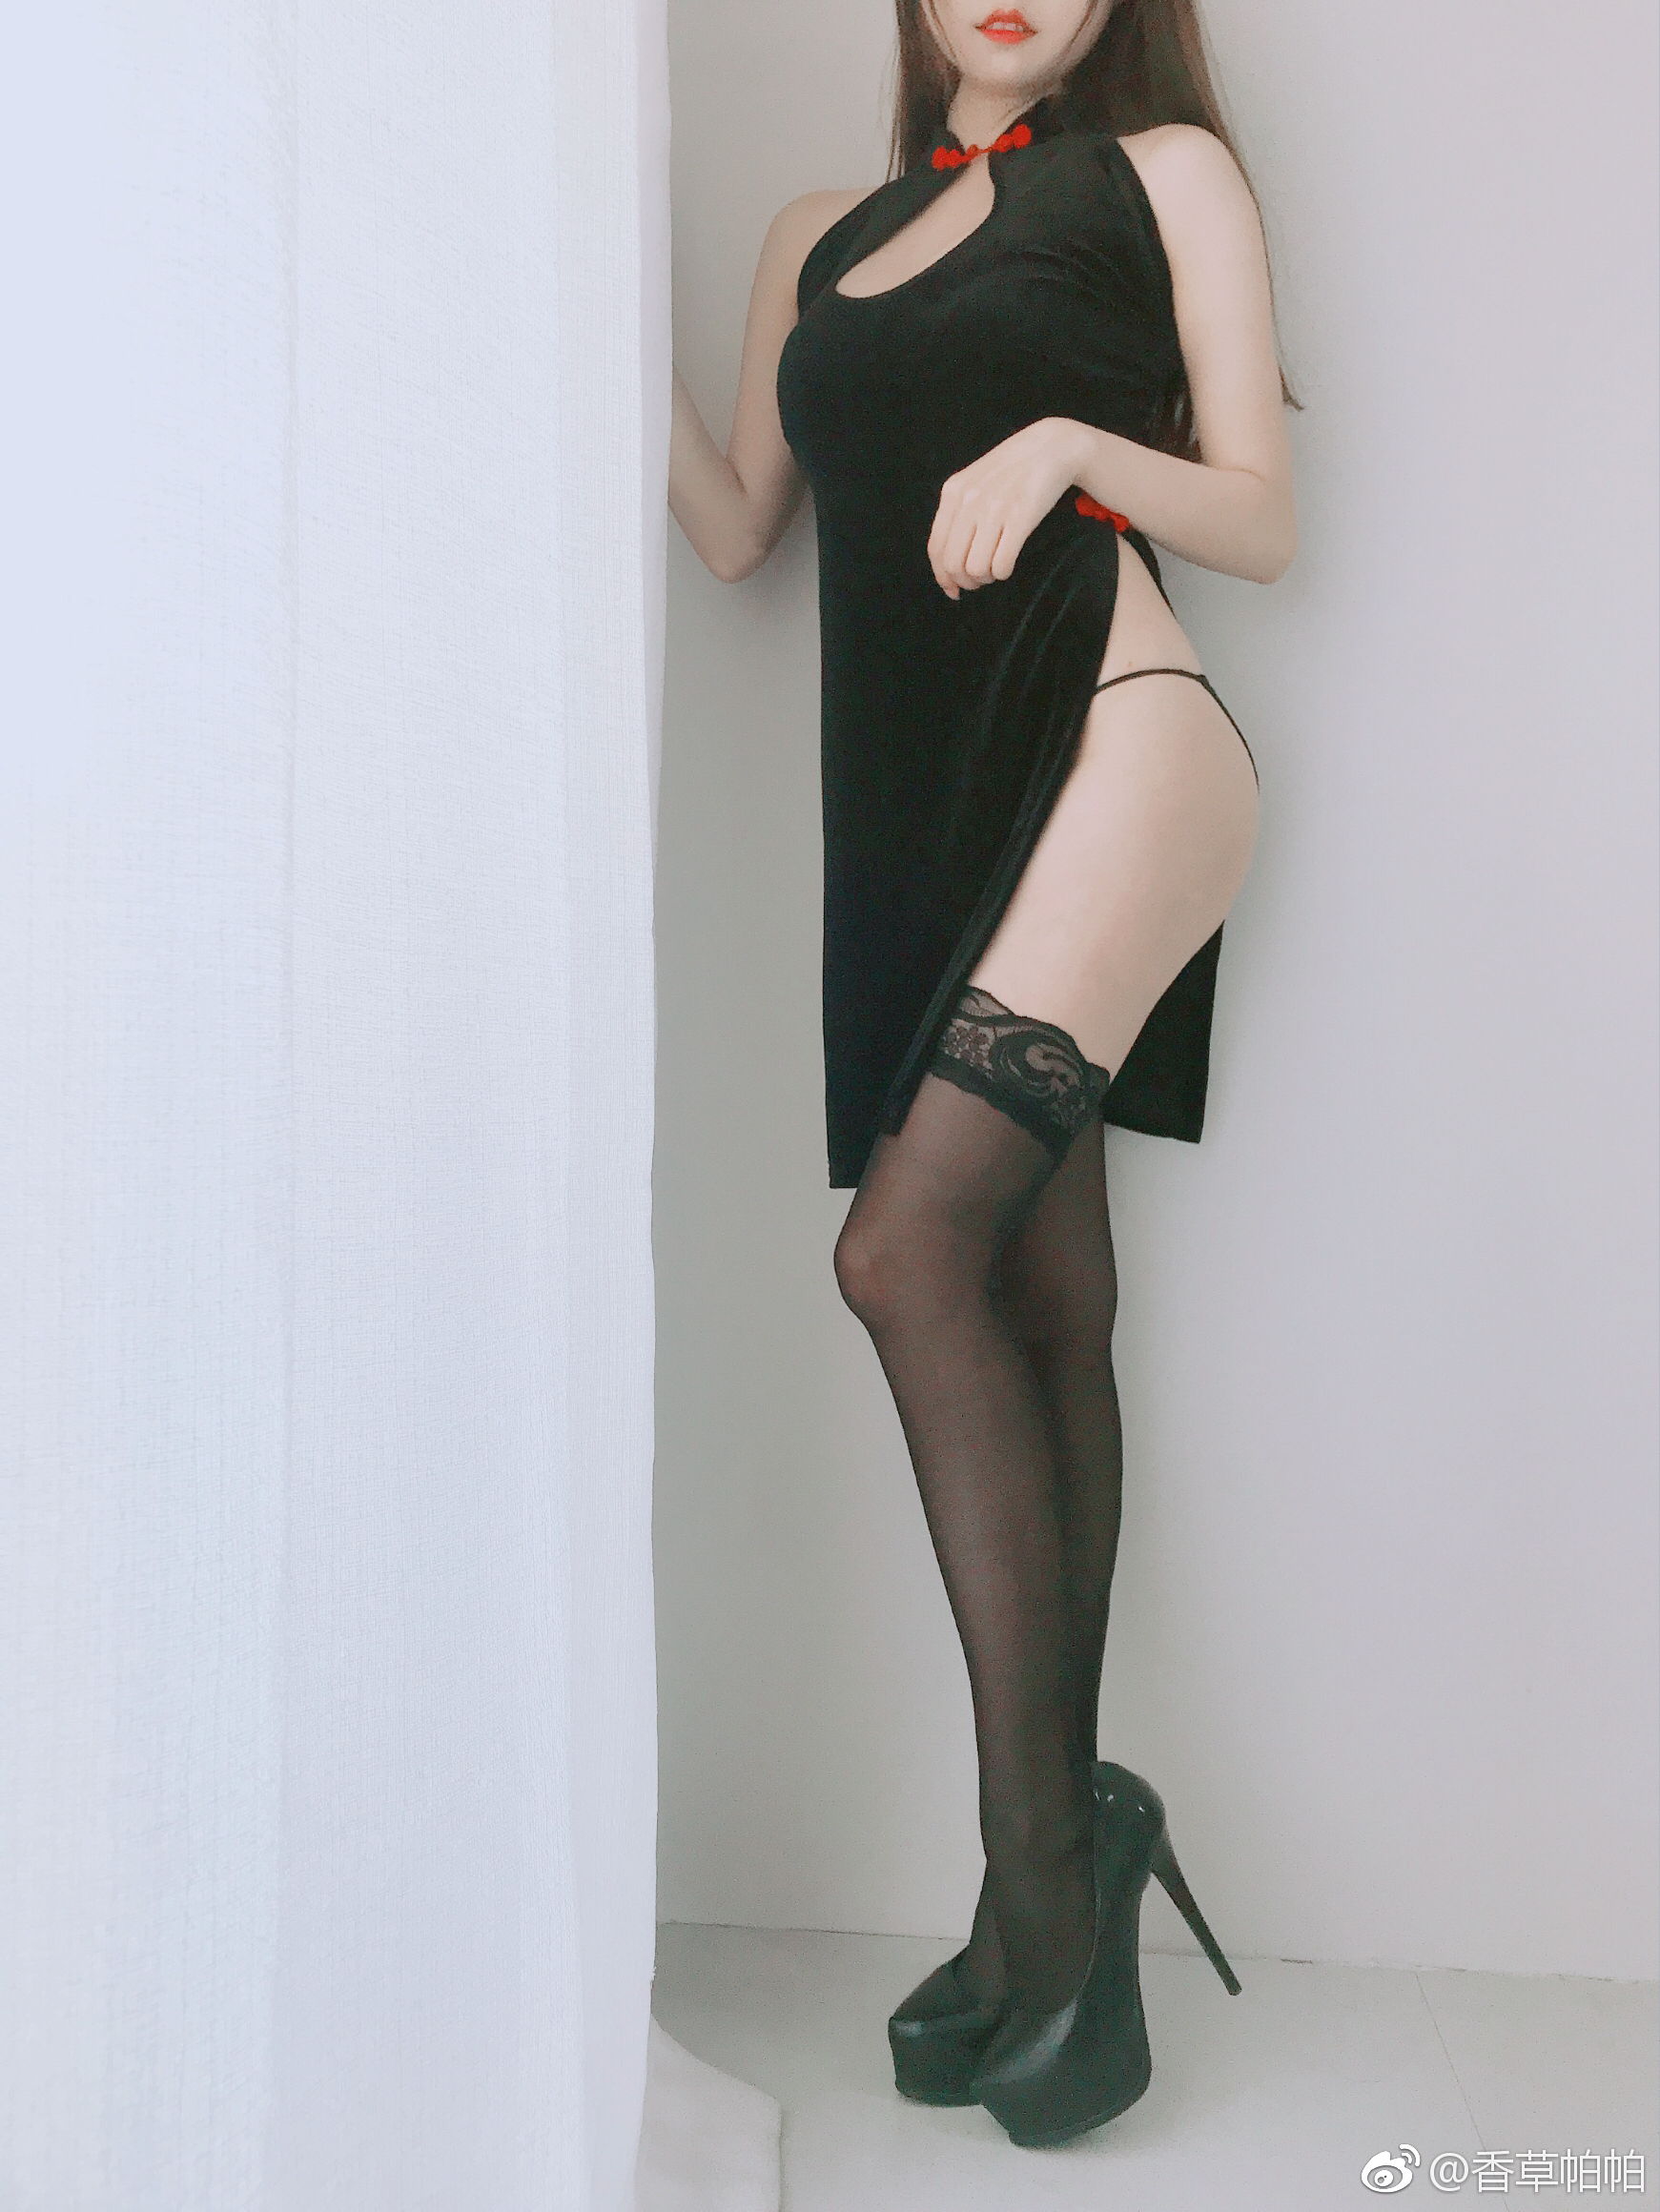 萌妹子的性感开胸黑丝旗袍写真